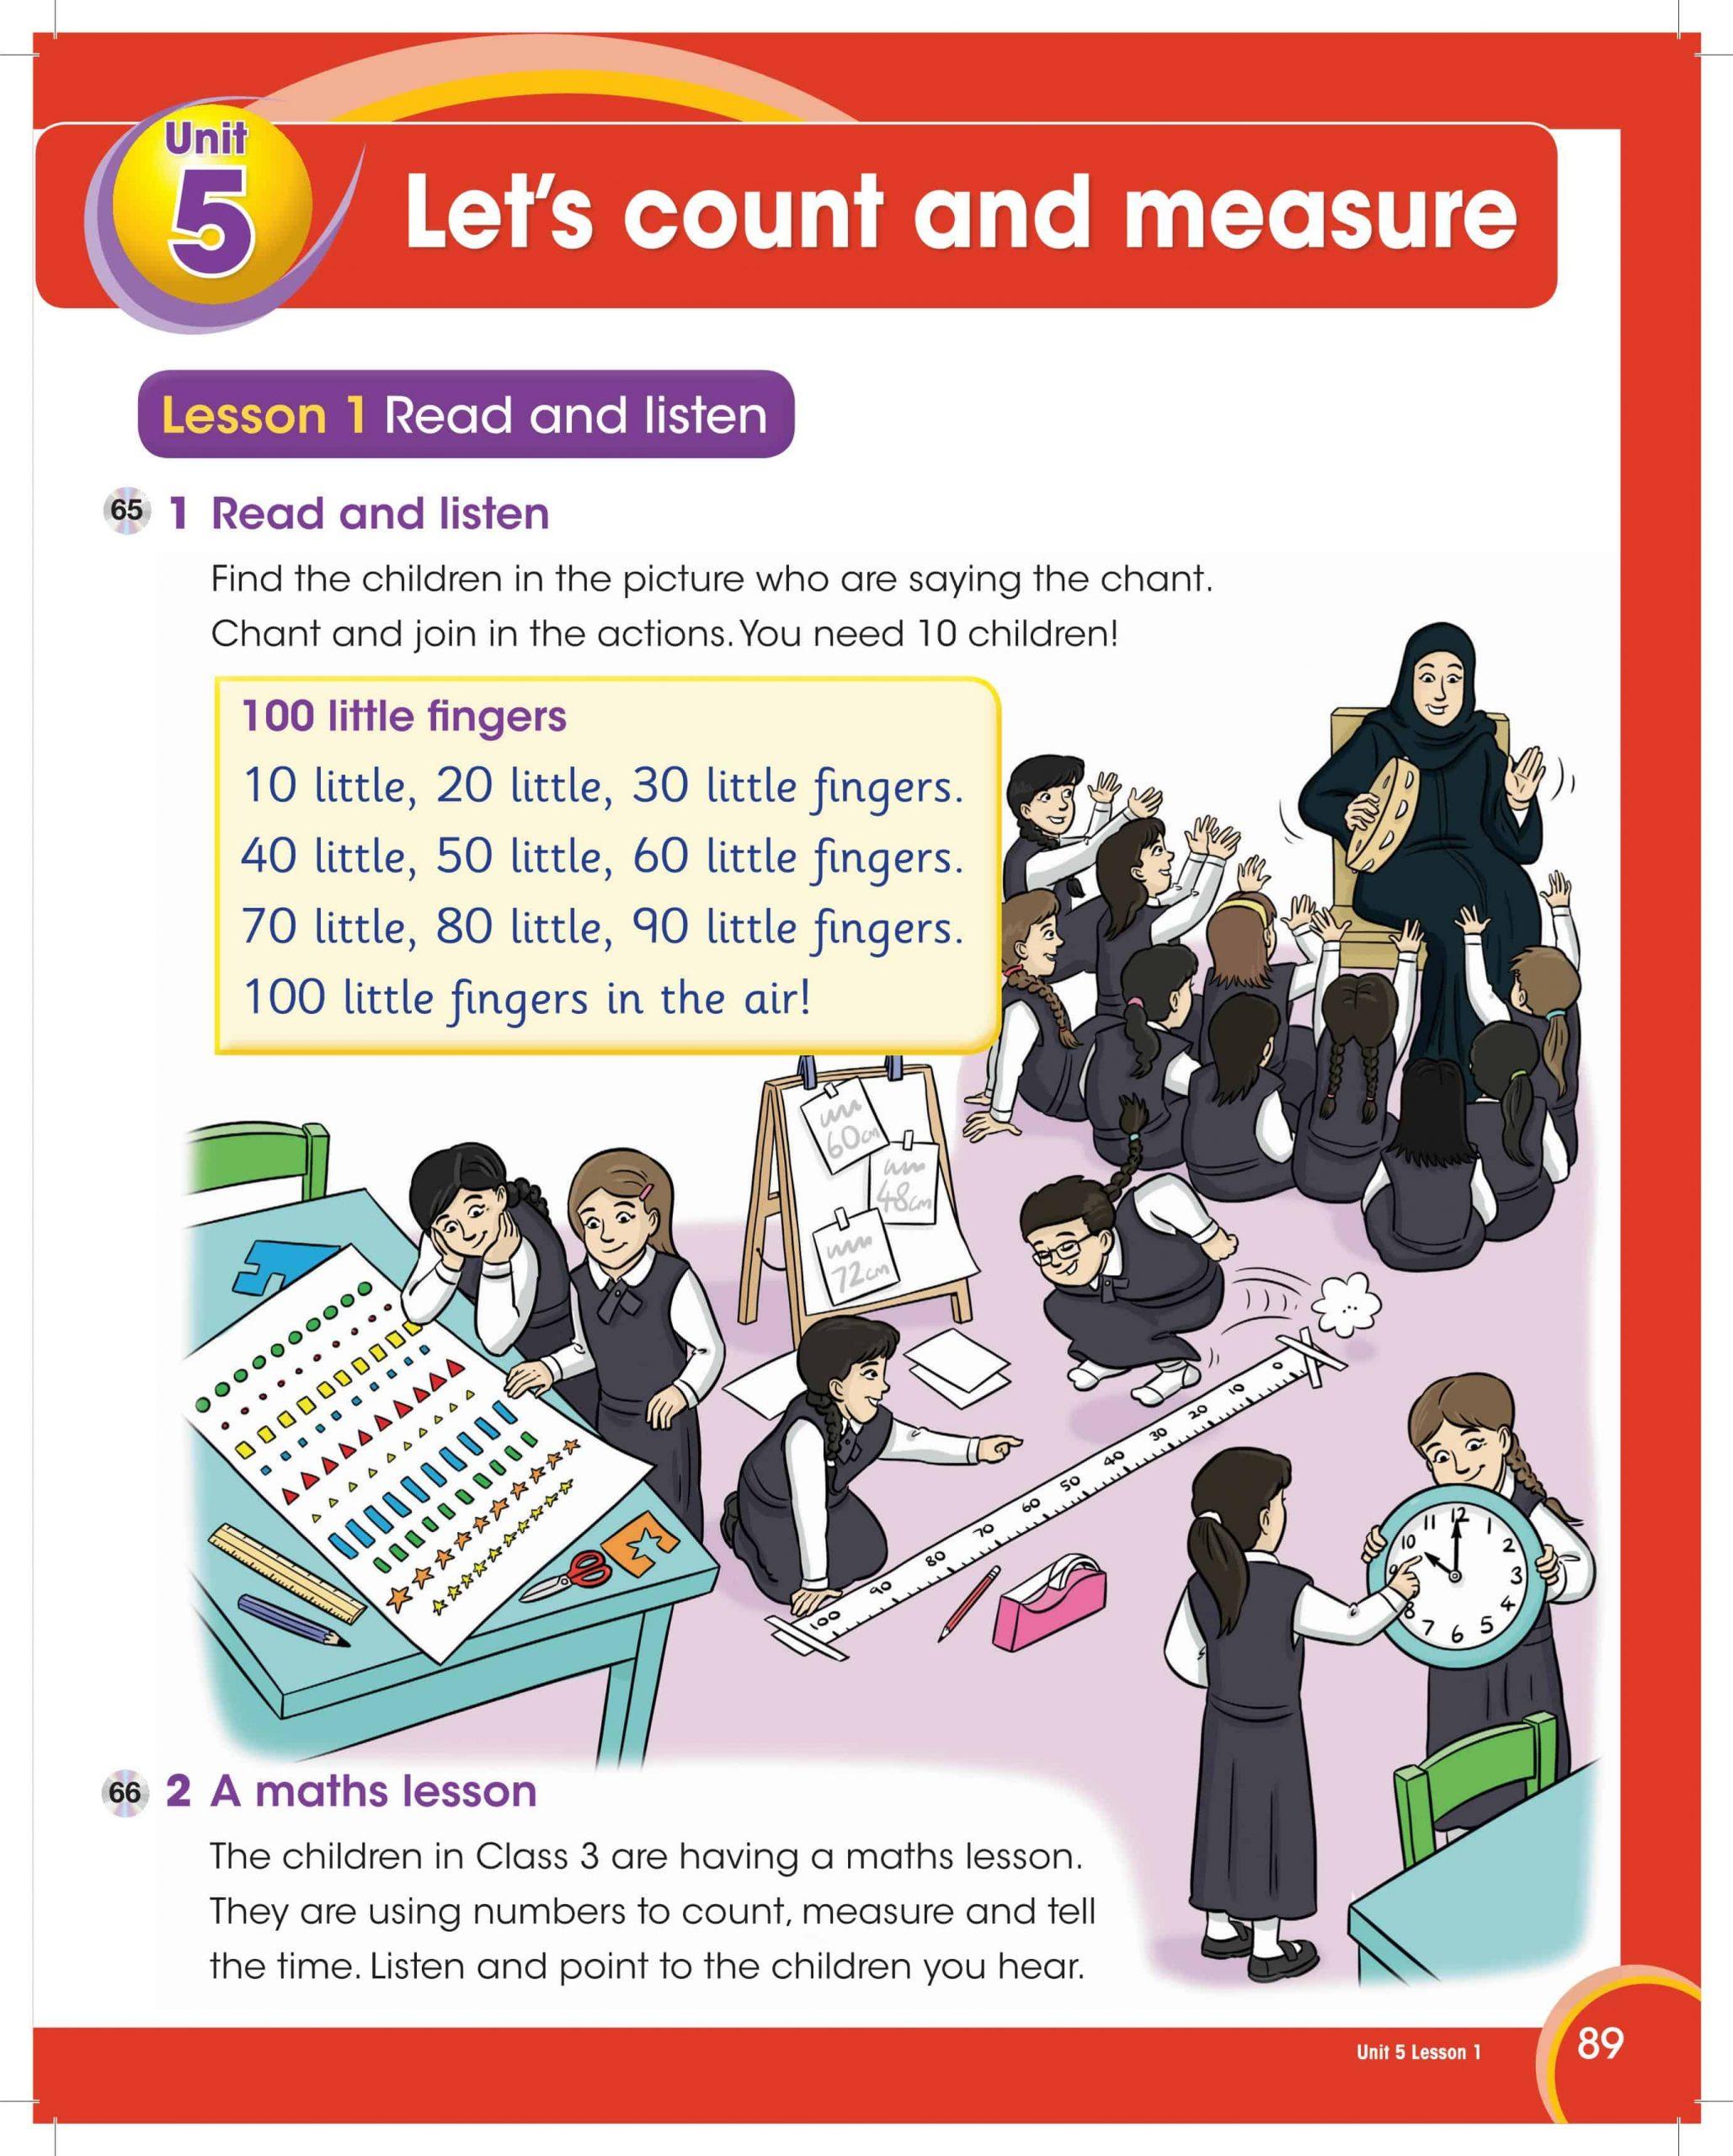 كتاب الطالب Unit 5 Let's count and measure الصف الثالث مادة اللغة الانجليزية